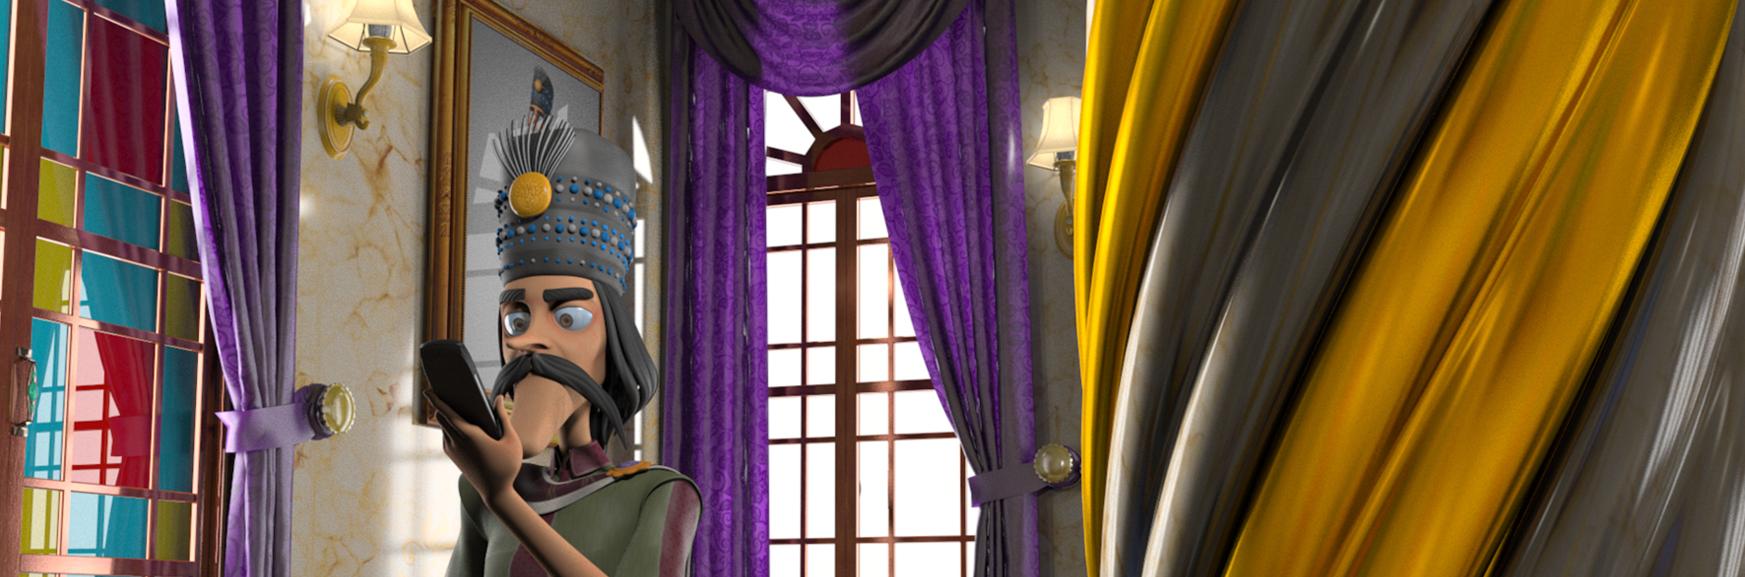 سریال انیمیشن سلطان